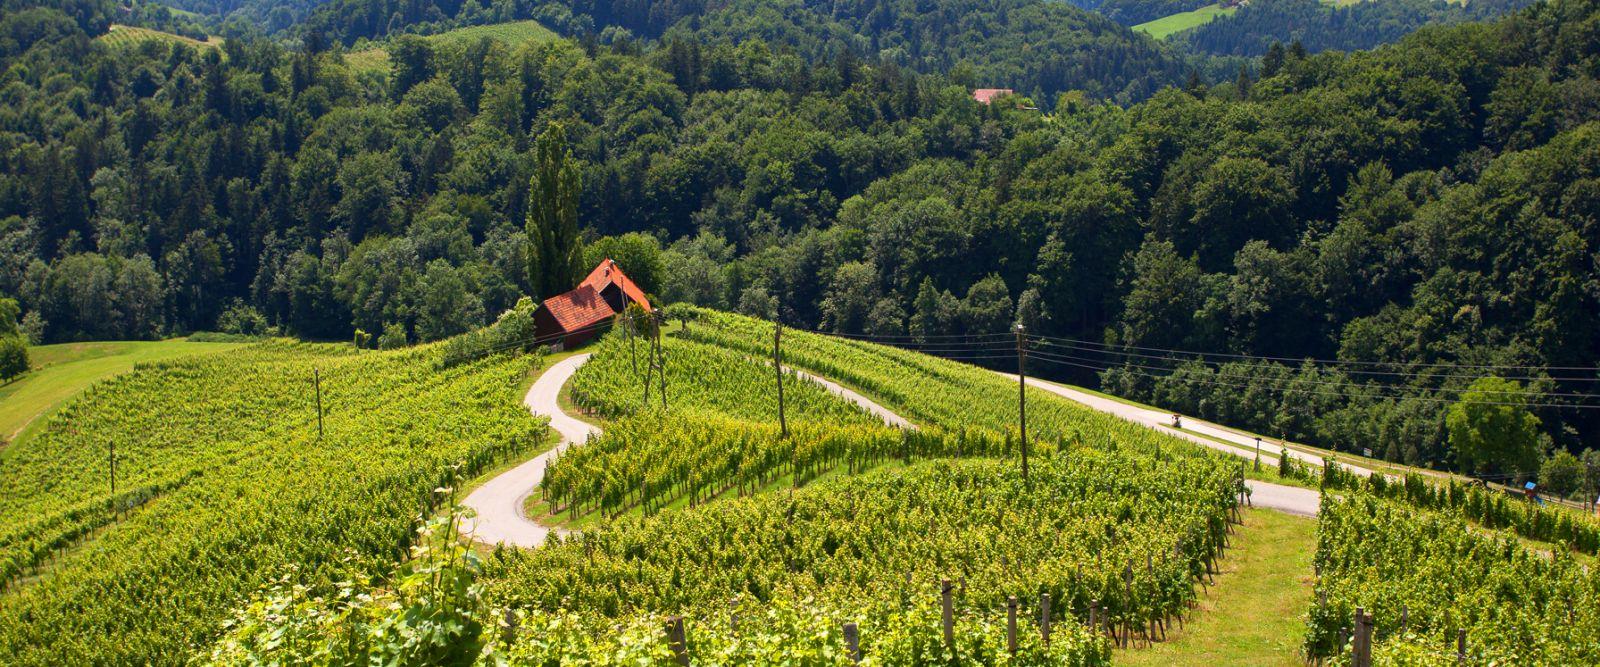 Slovénie vigne